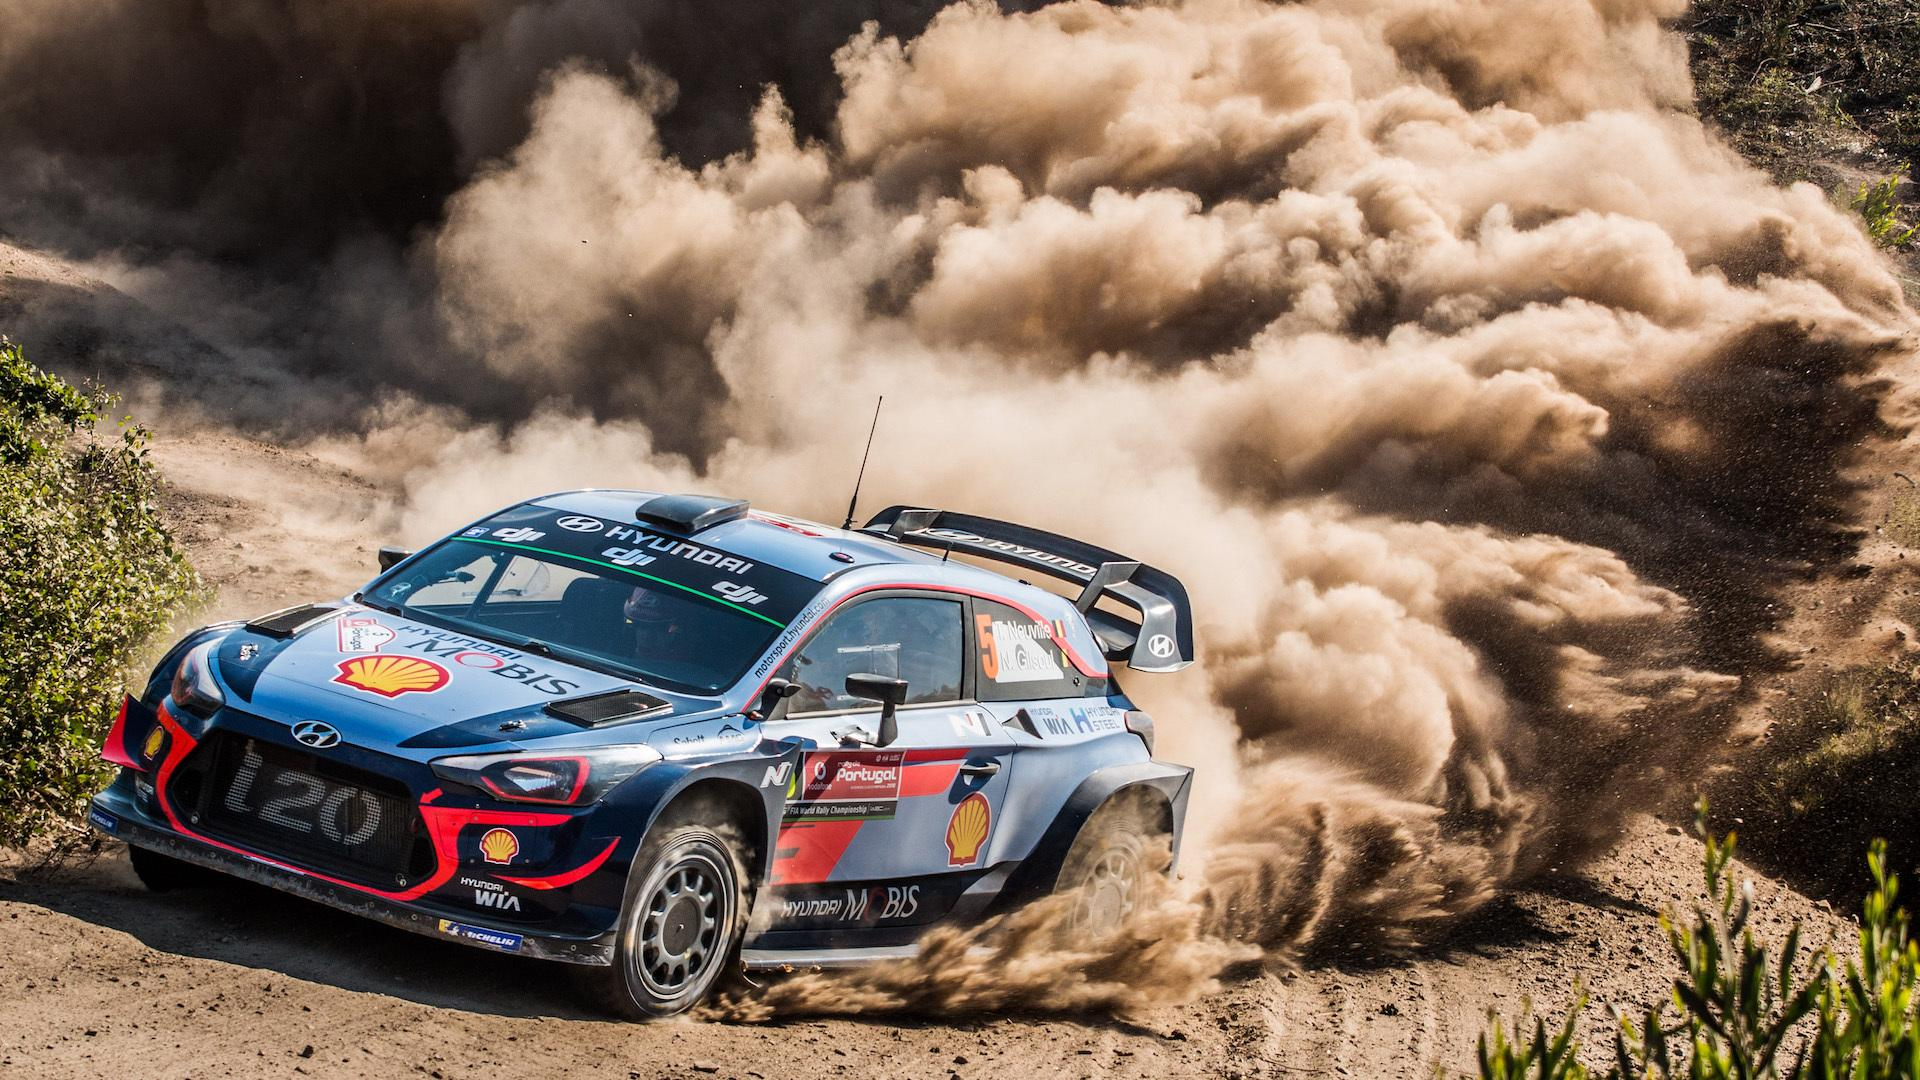 Hyundai i20 WRC для раллийных гонок достигает скорости в 100 км/ч за считанные секунды, но, чтобы стартовать, нужно приложить немало усилий.